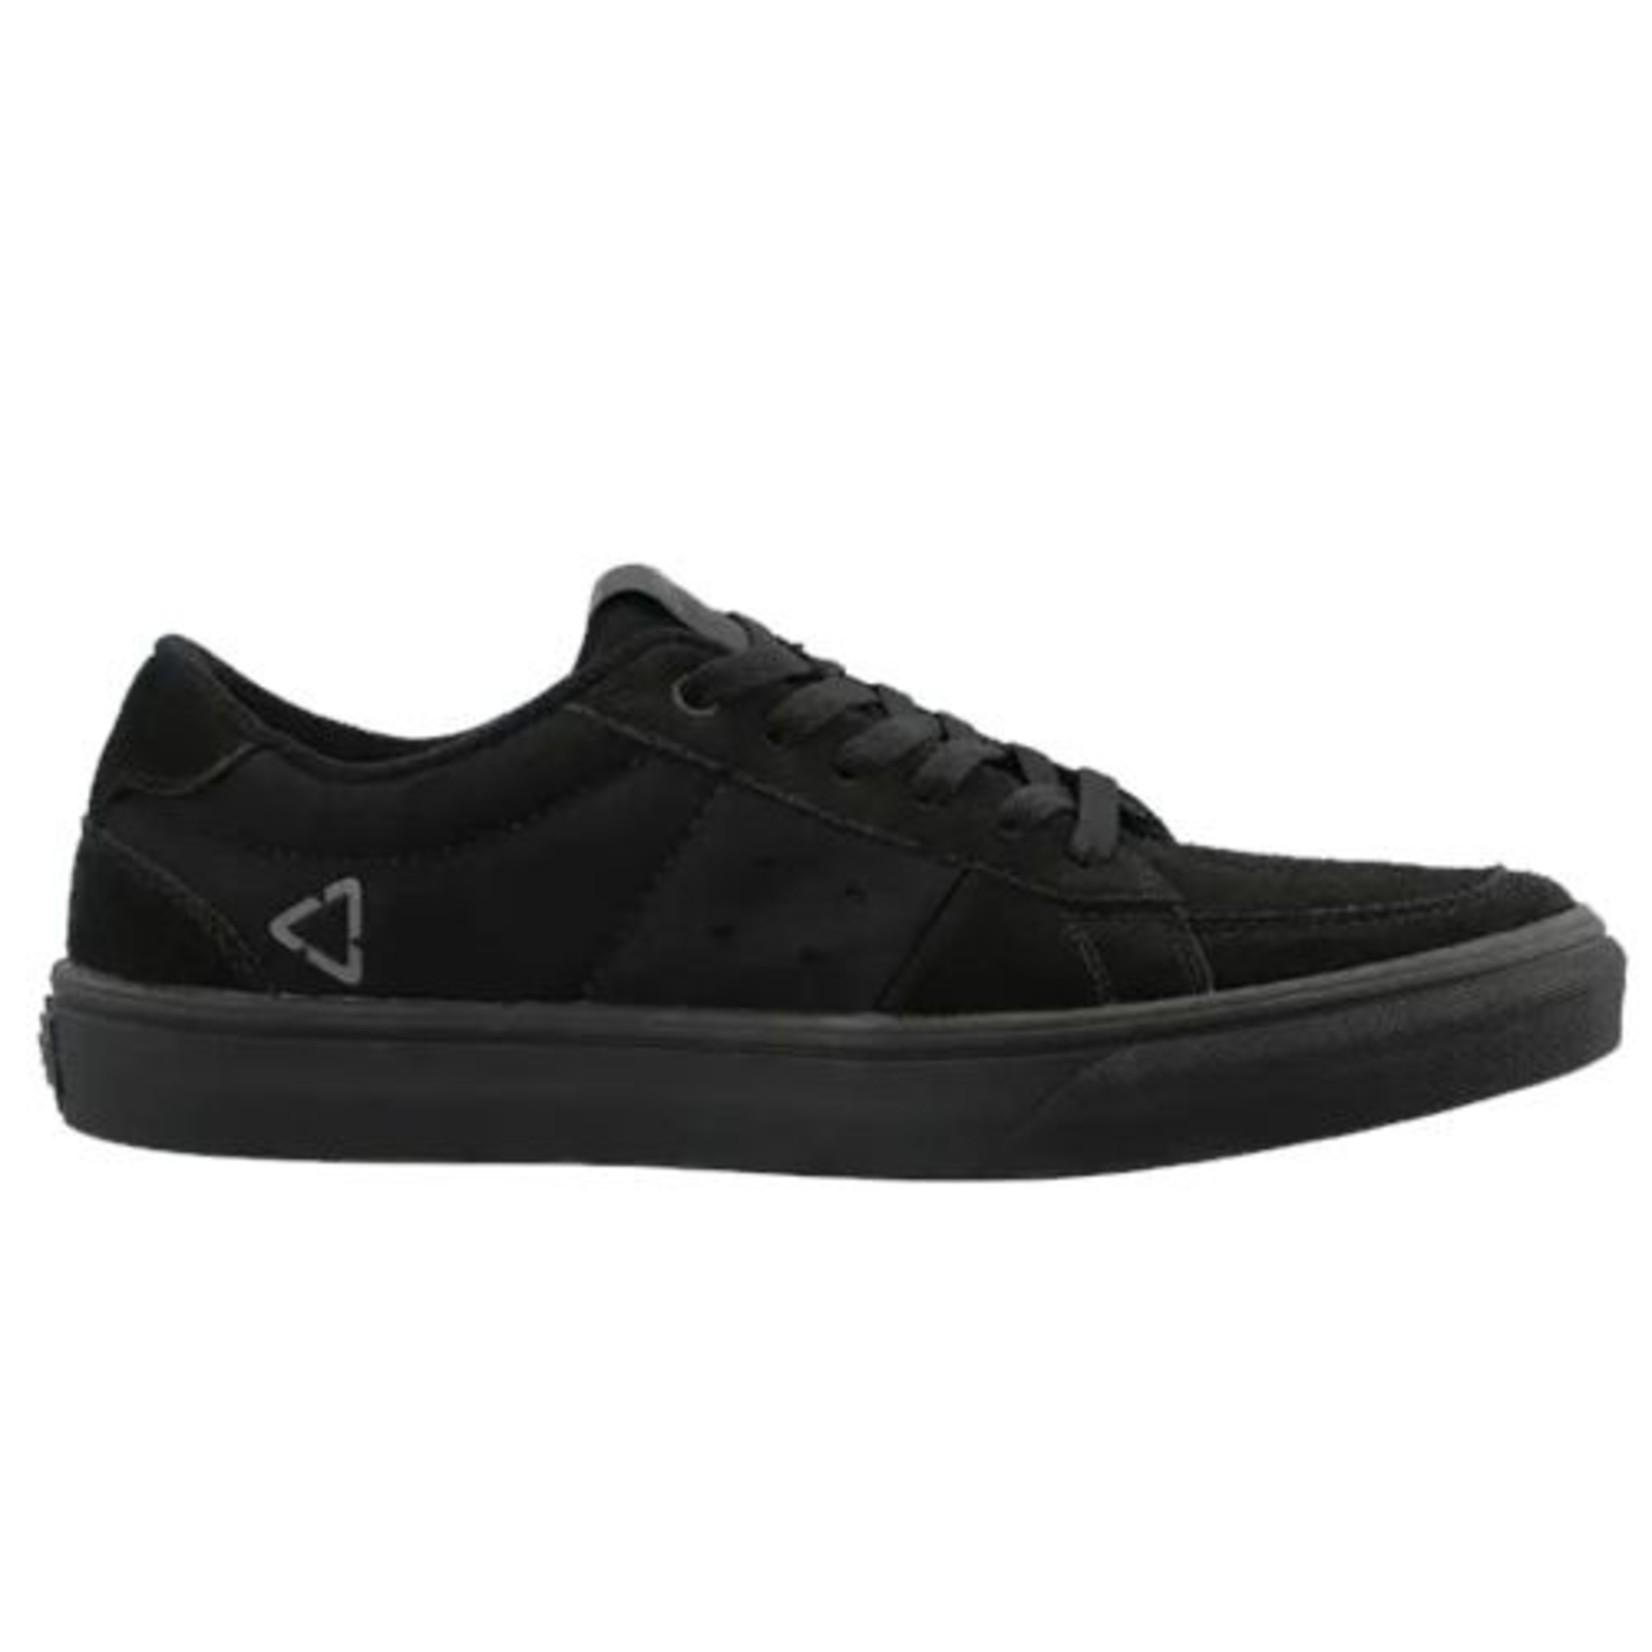 Leatt Leatt 1.0 Flat Shoe Black